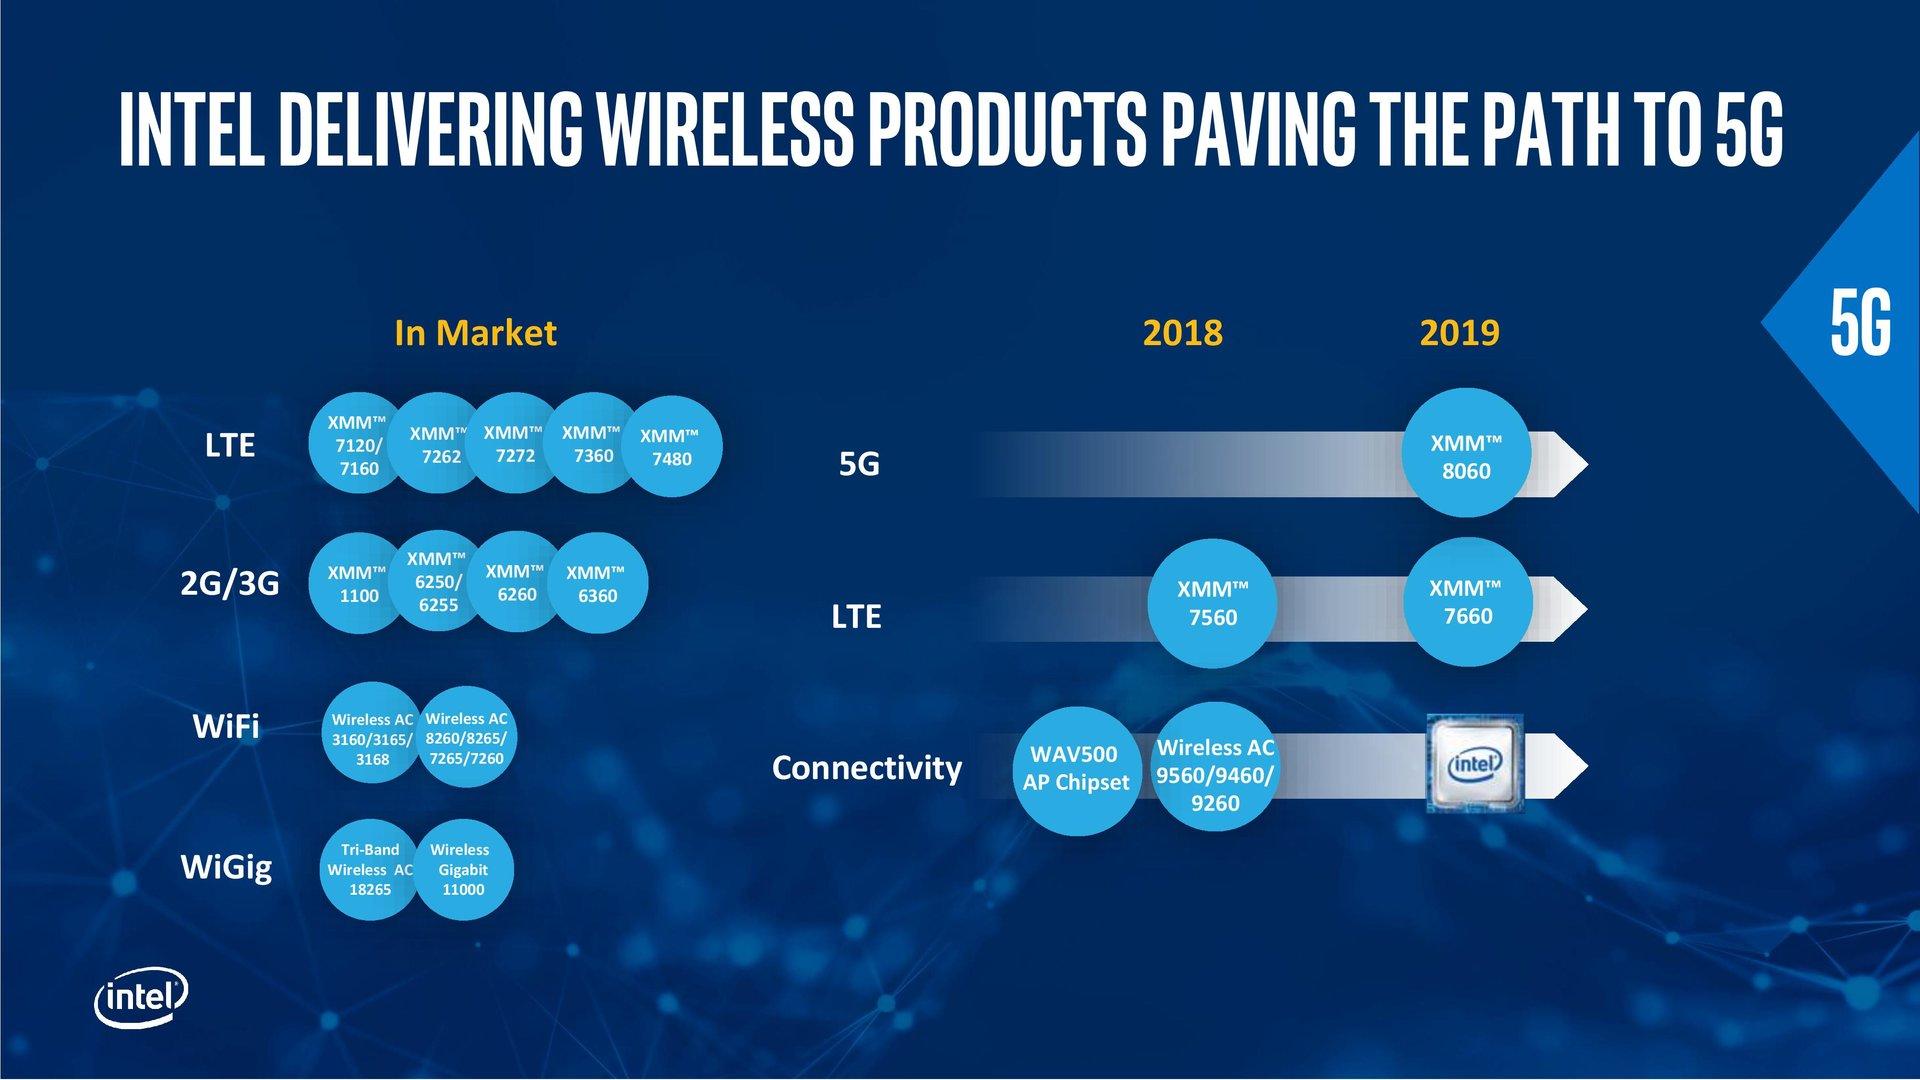 Intels aktuelles und zukünftiges Connectivity-Portfolio